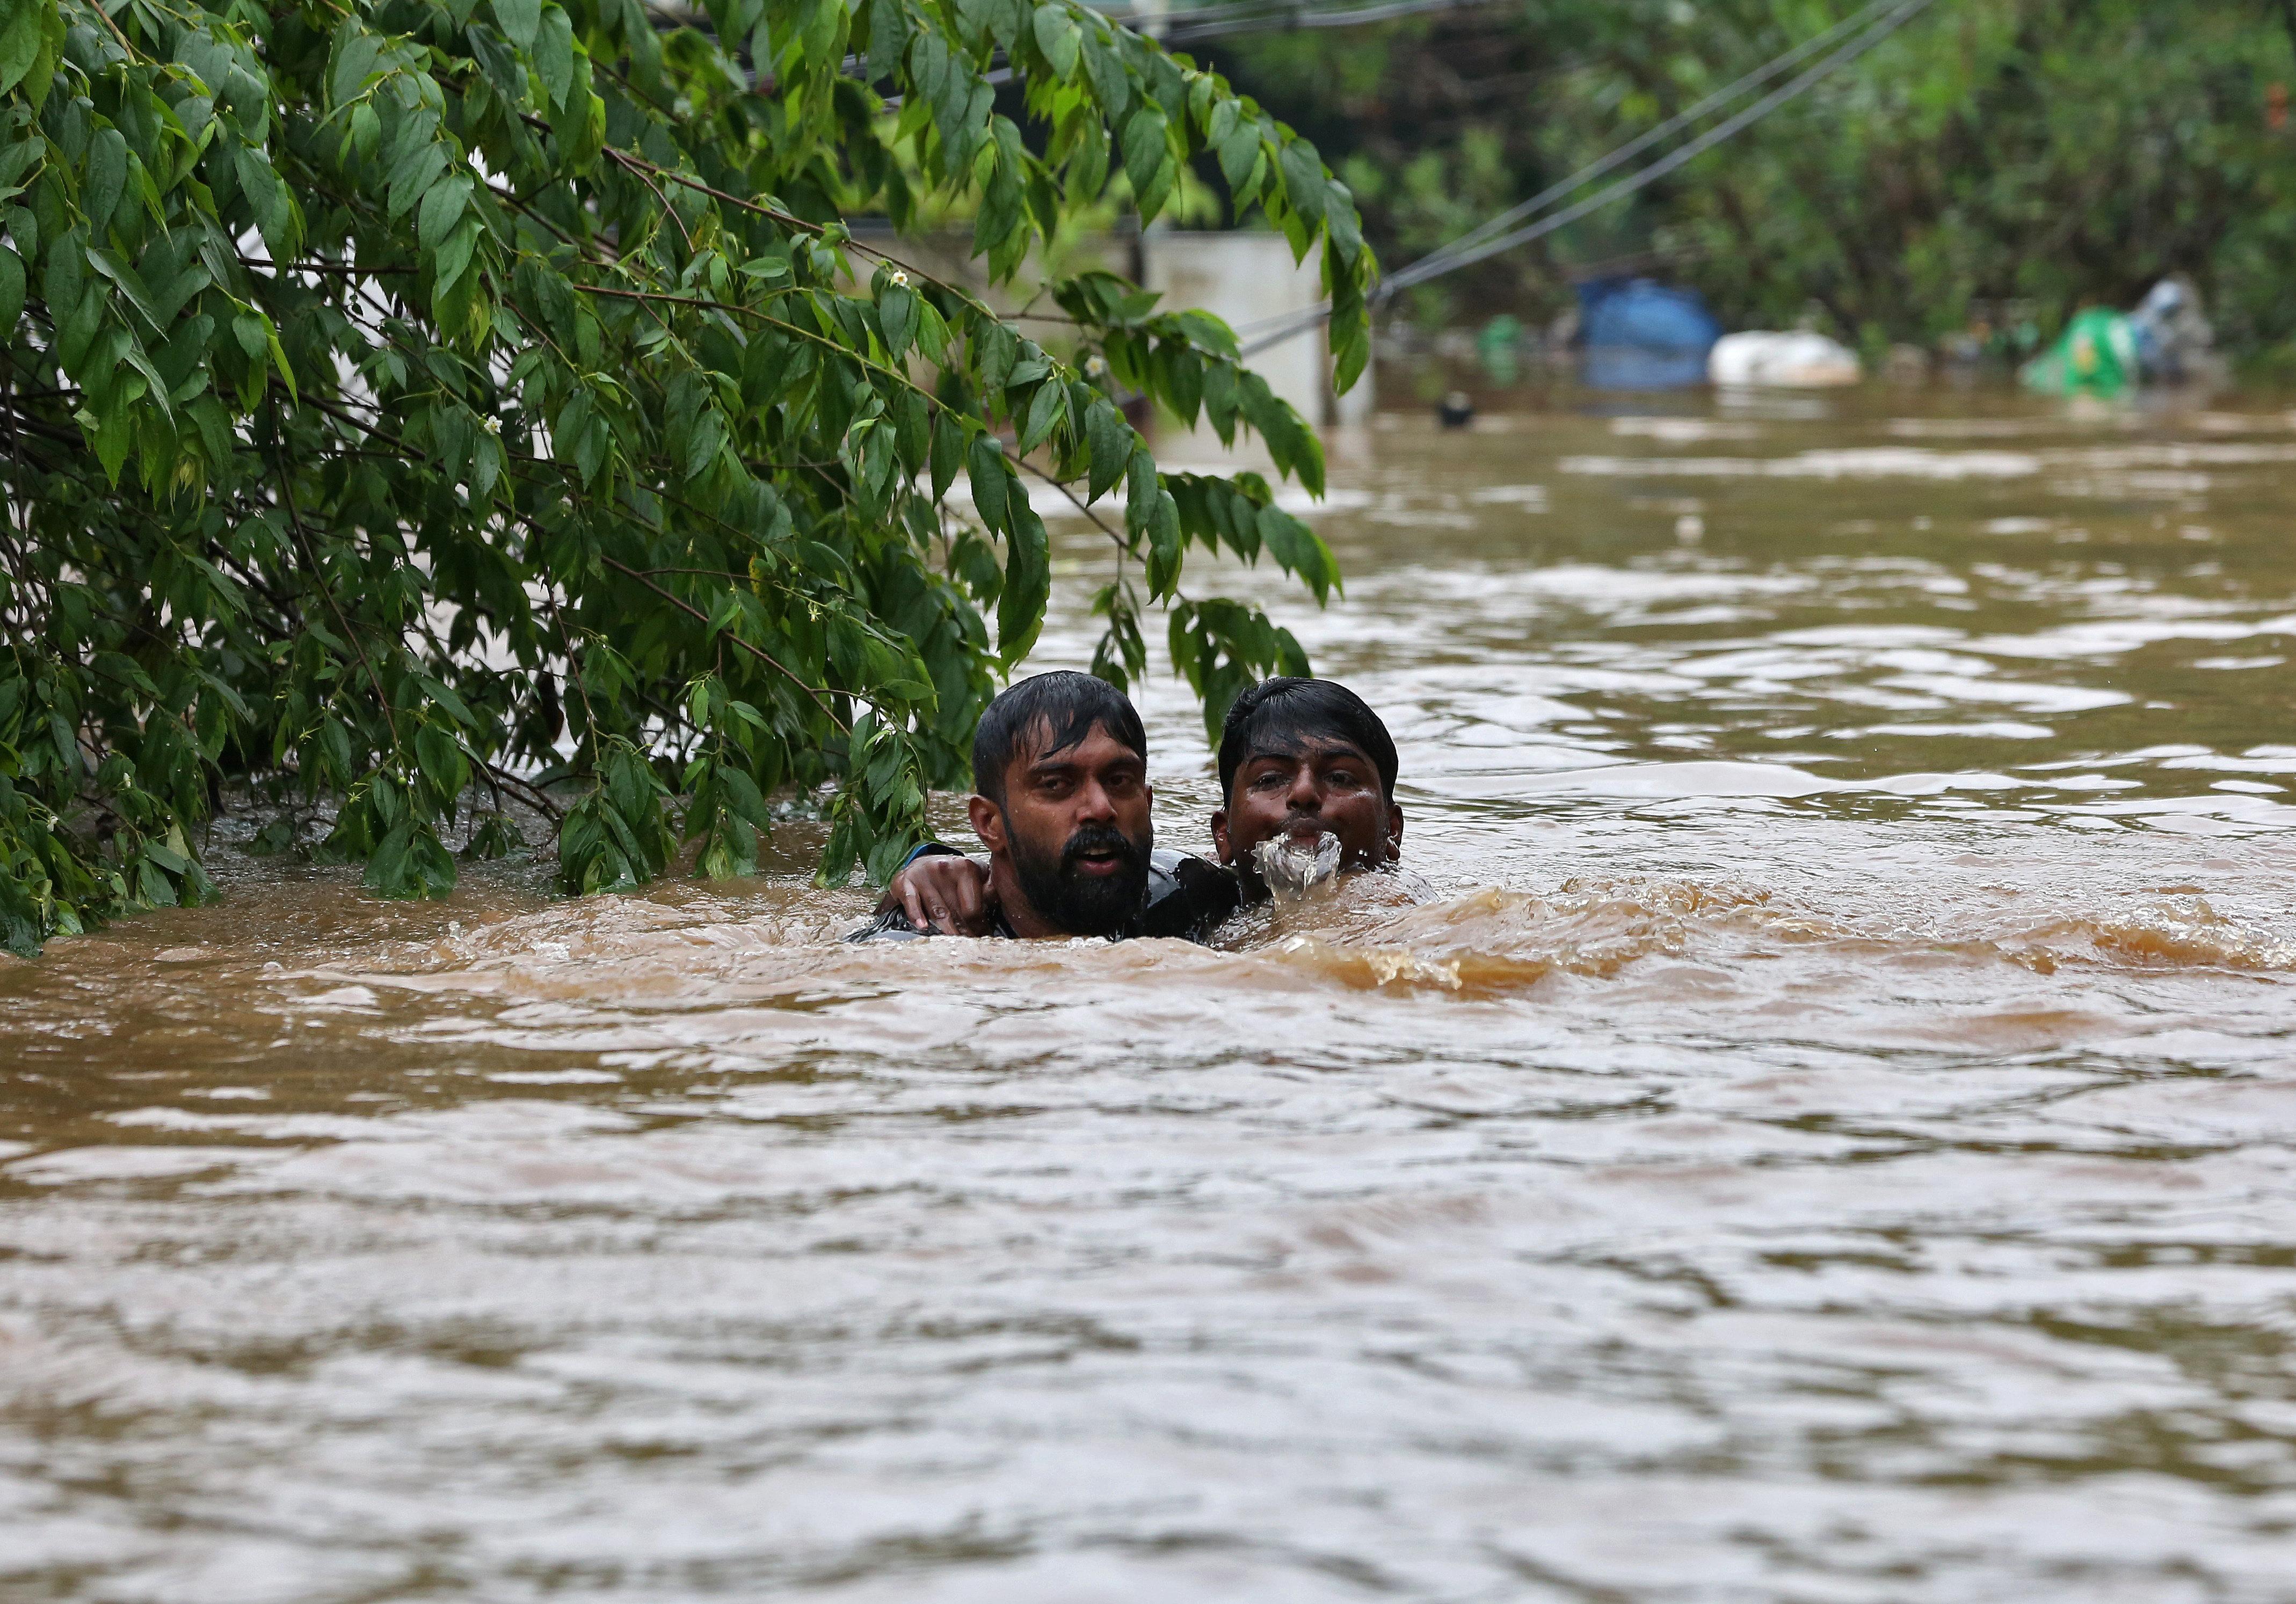 Ινδία: Περισσότεροι από 1.200 οι νεκροί από τις πλημμύρες των φετινών